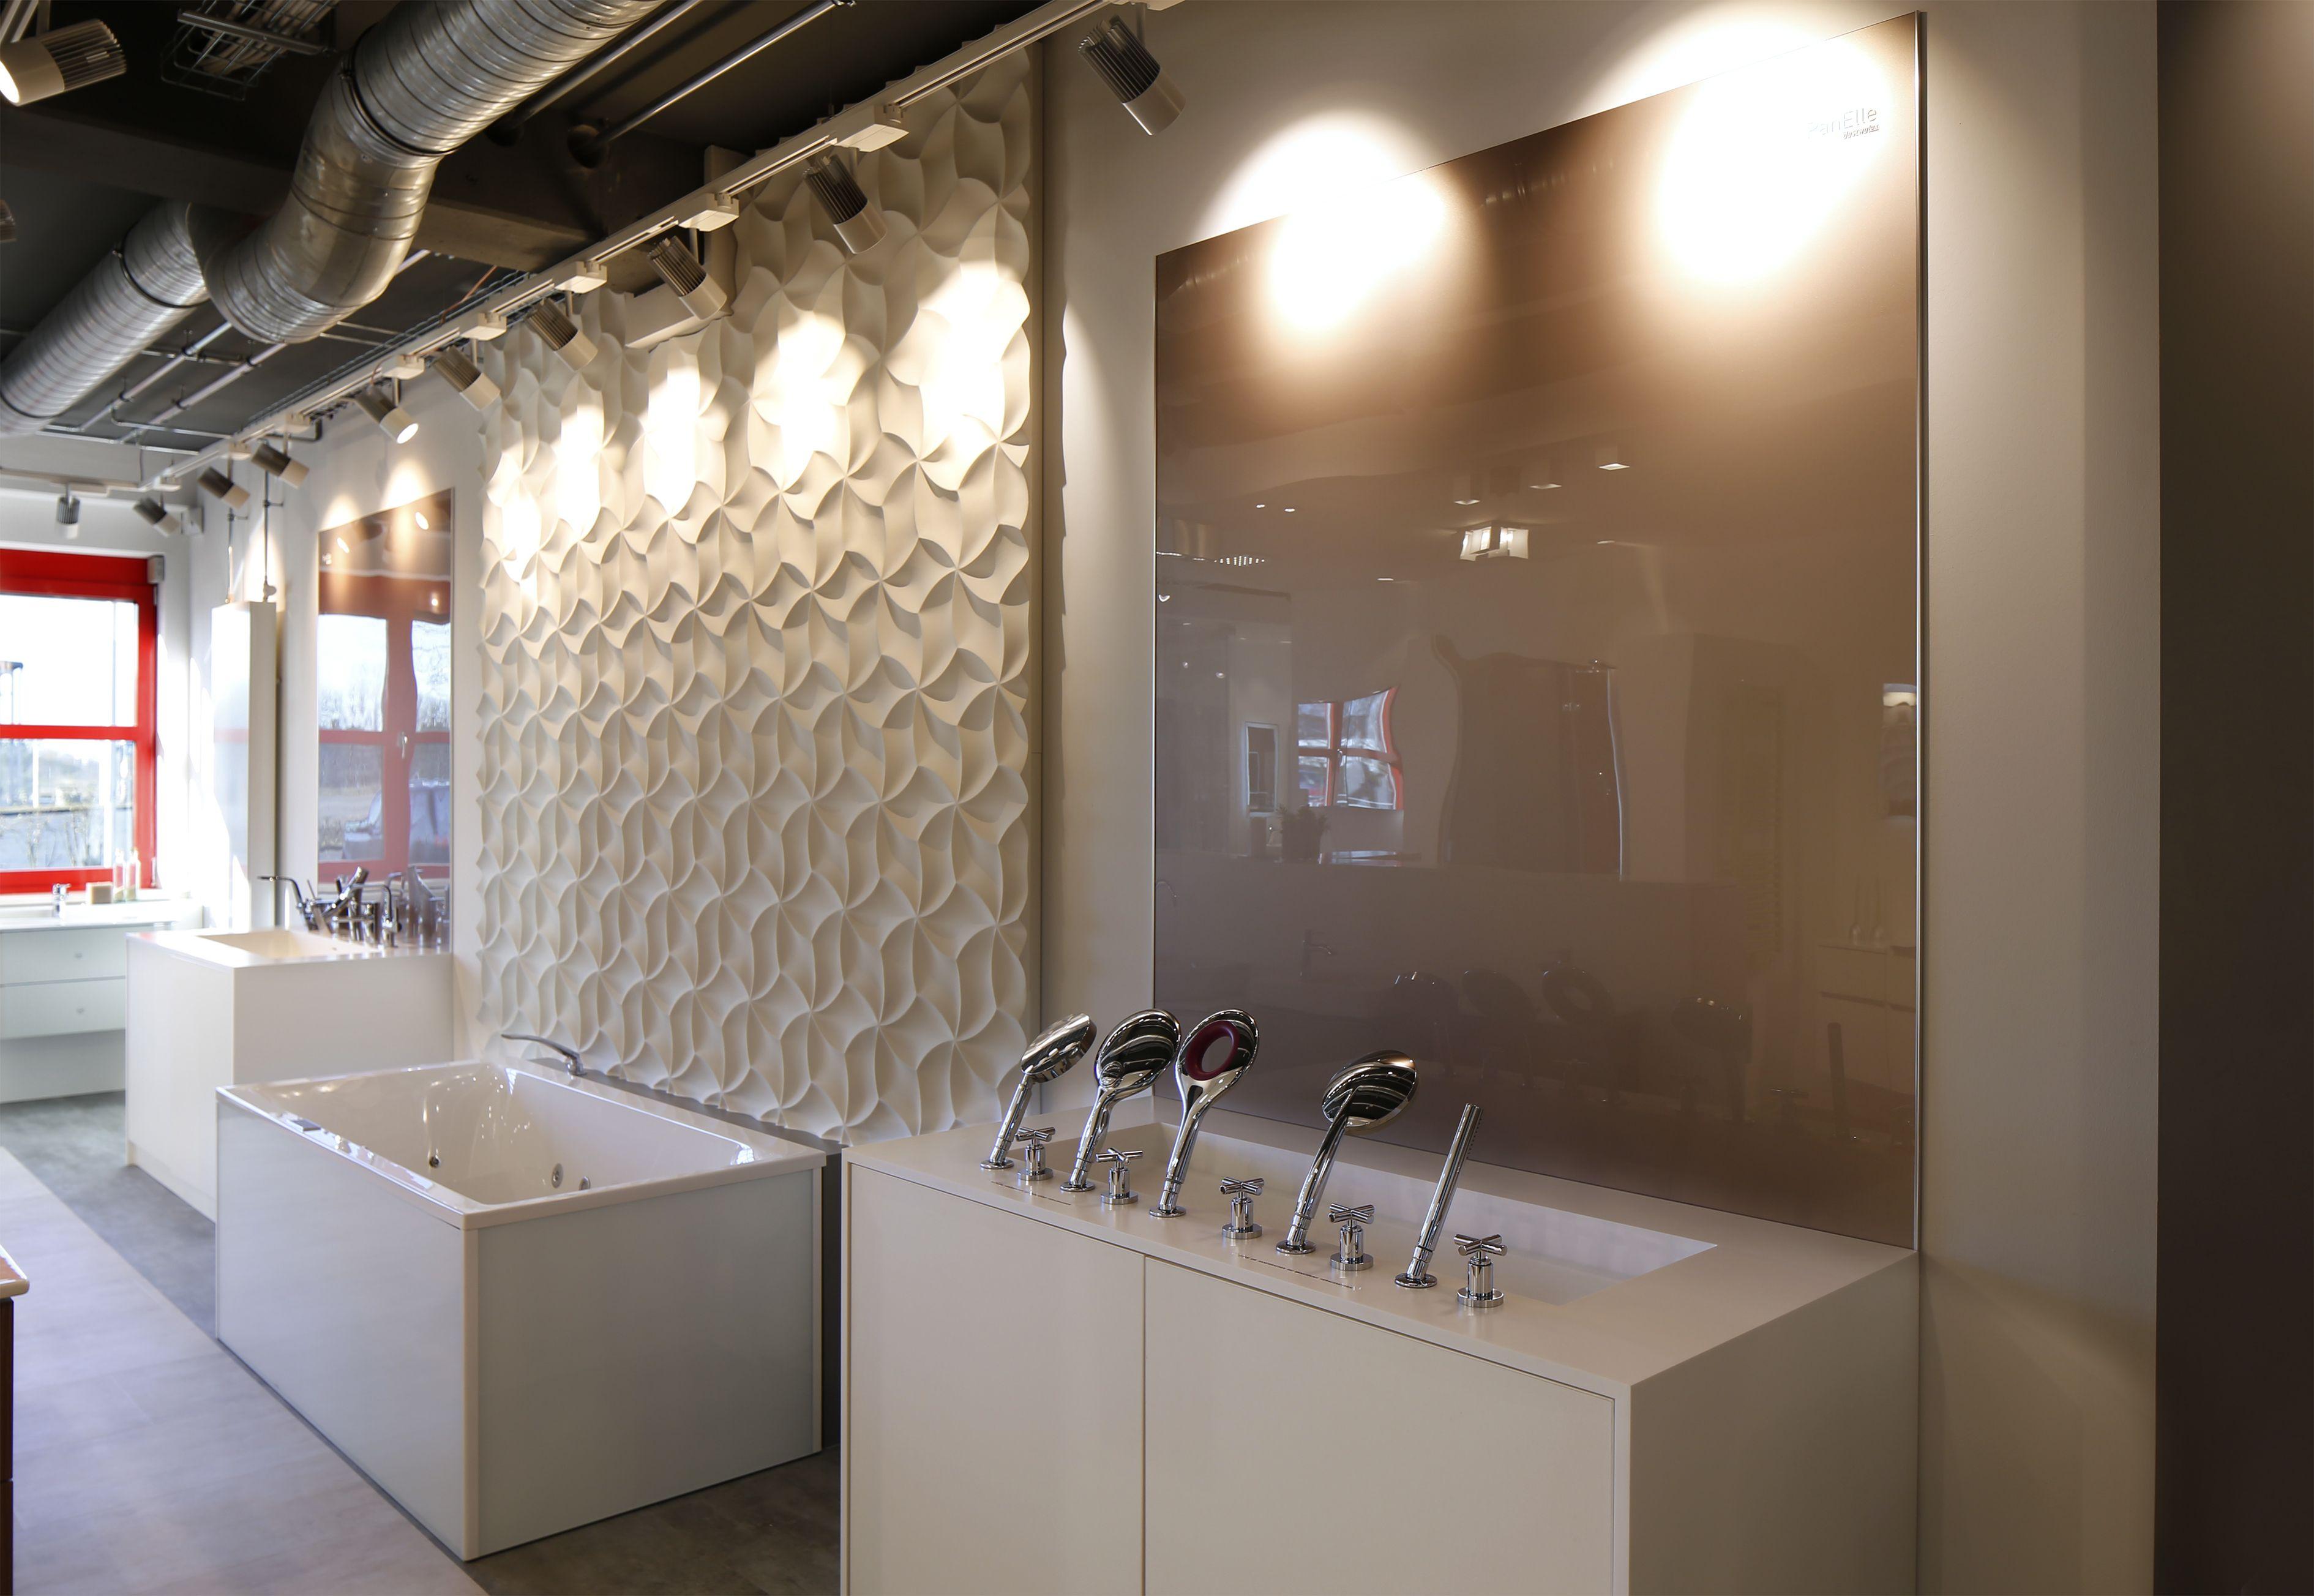 Fußboden Bad Salzuflen ~ Badezimmer ausstellung bad salzuflen slagerijstok